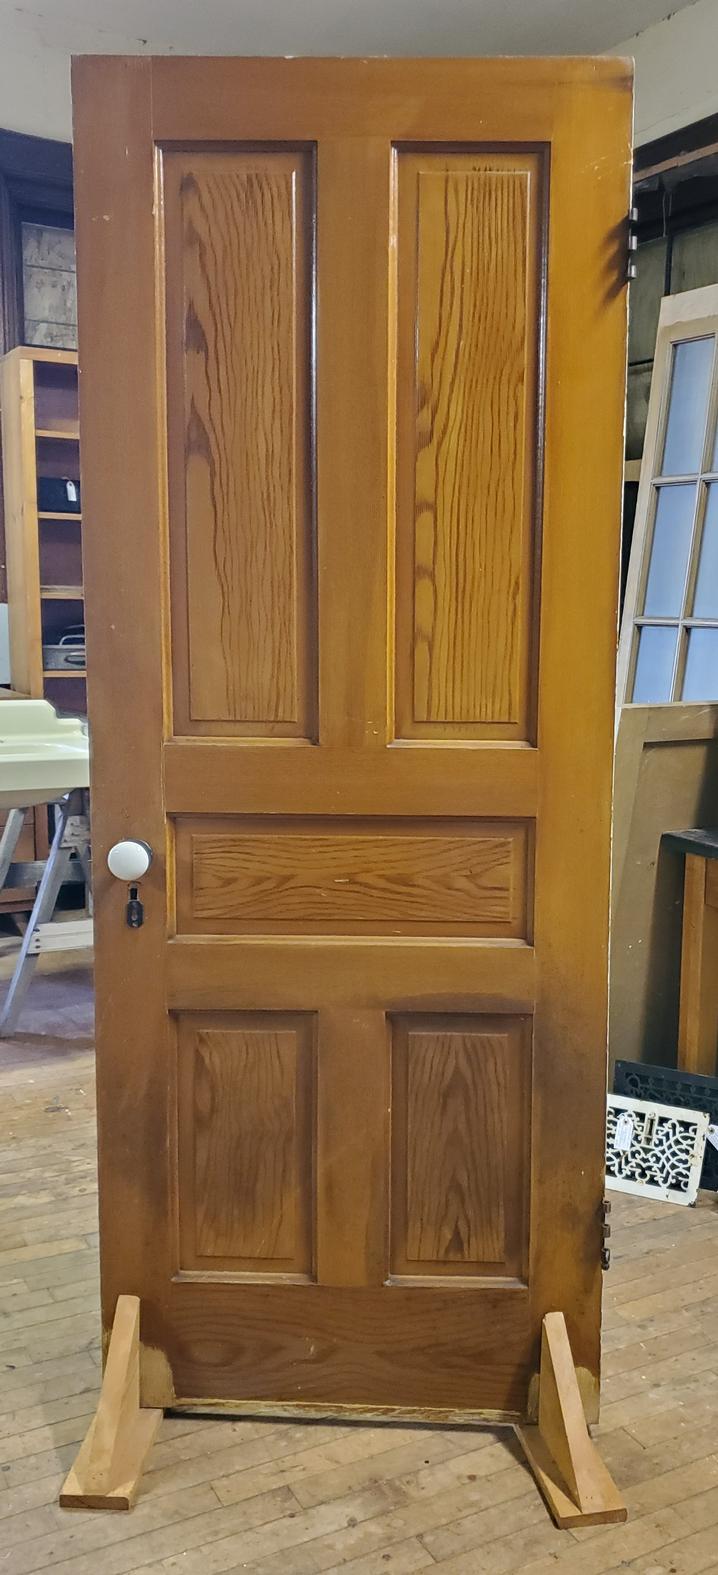 Five-panel Door 30 x 77